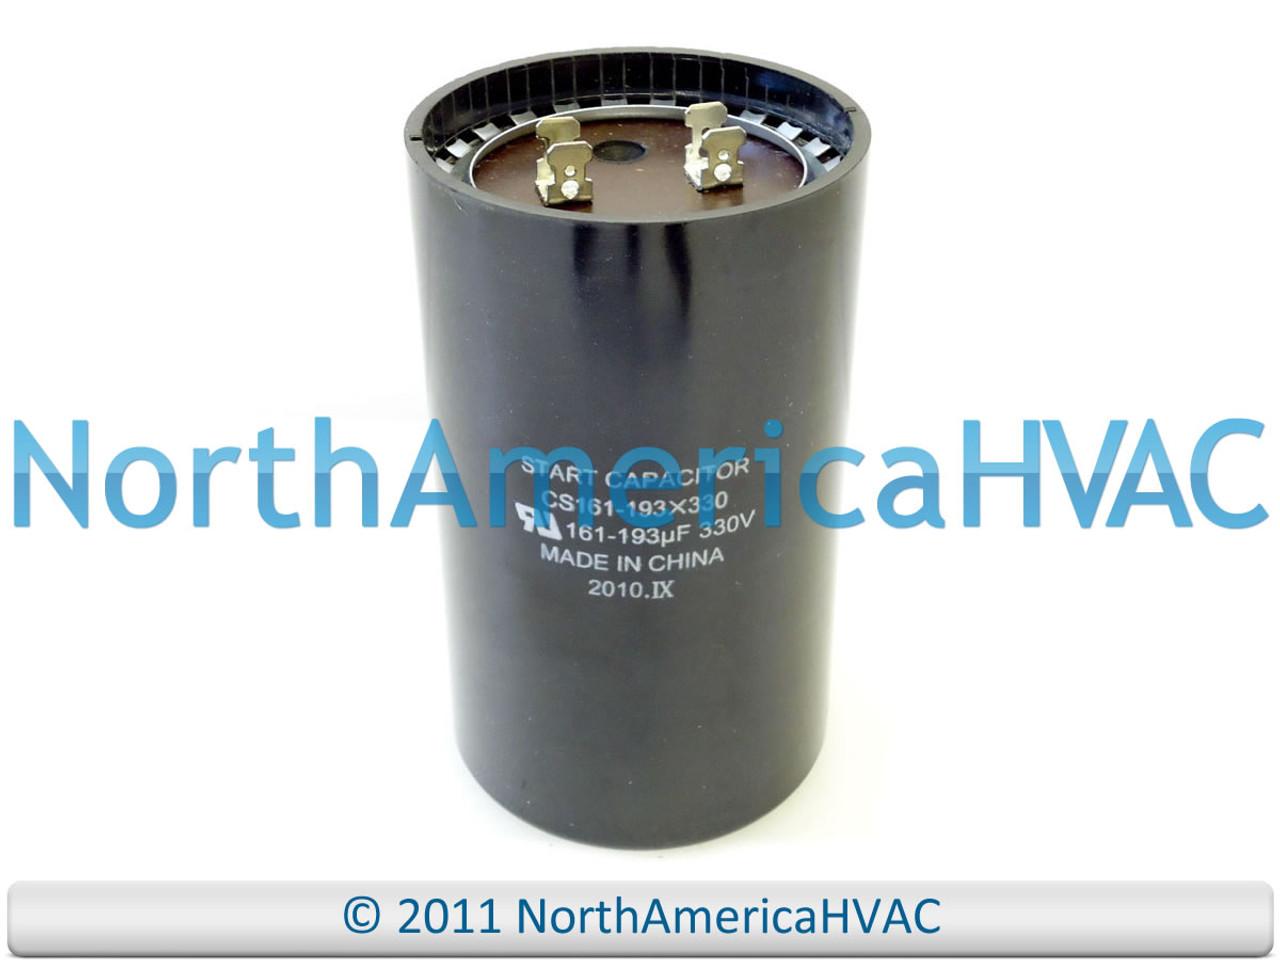 Motor Start Capacitor 161-193 MFD 330 VAC MARS 11067